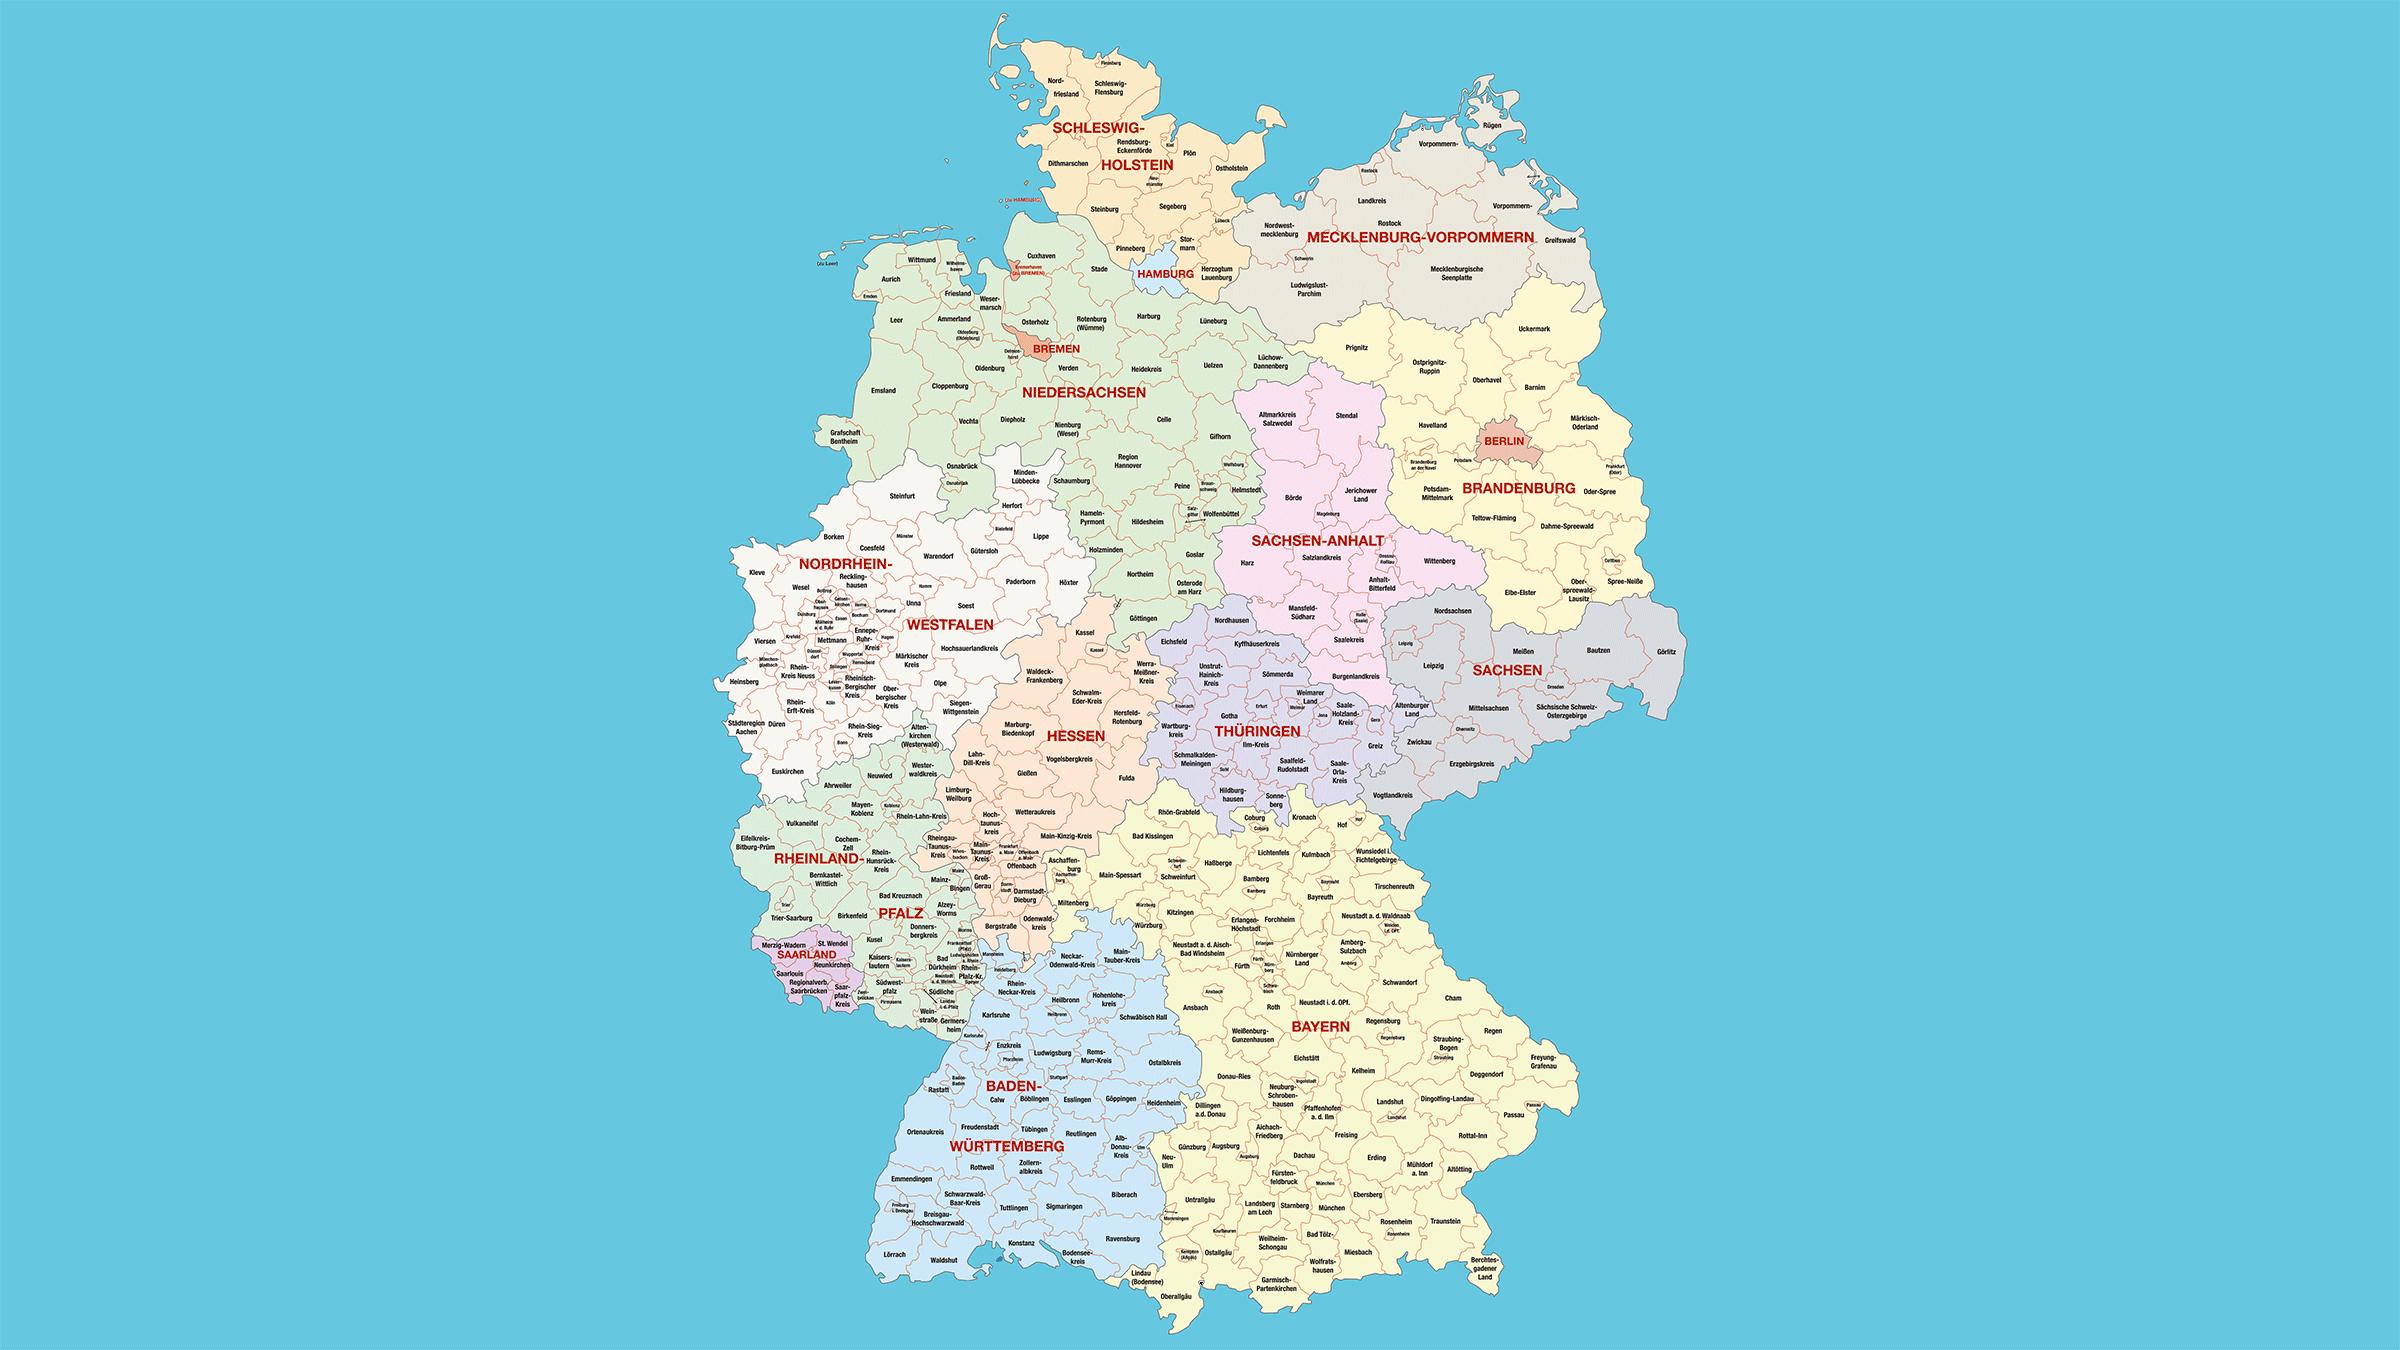 Mapa poltico de Alemania